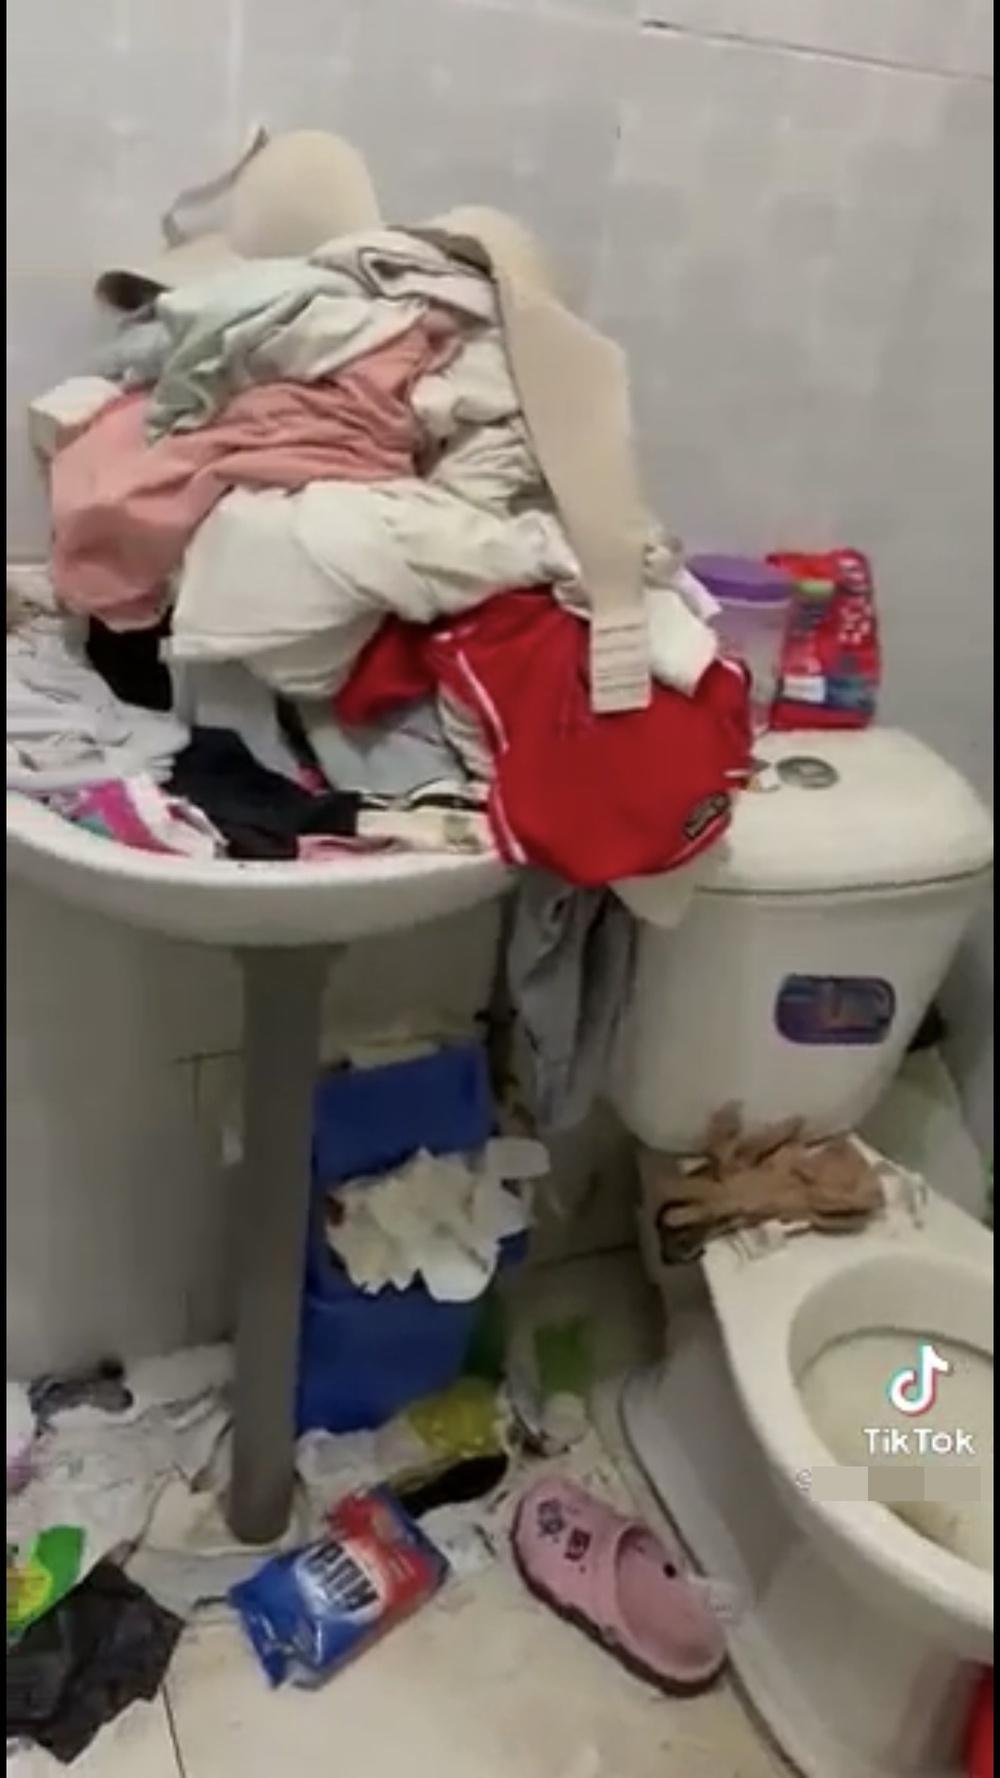 Chủ trọ phát hoảng khi kiểm tra phòng của cô gái xinh đẹp: Rác chất chồng, đồ nhạy cảm cũng không vứt - Ảnh 5.